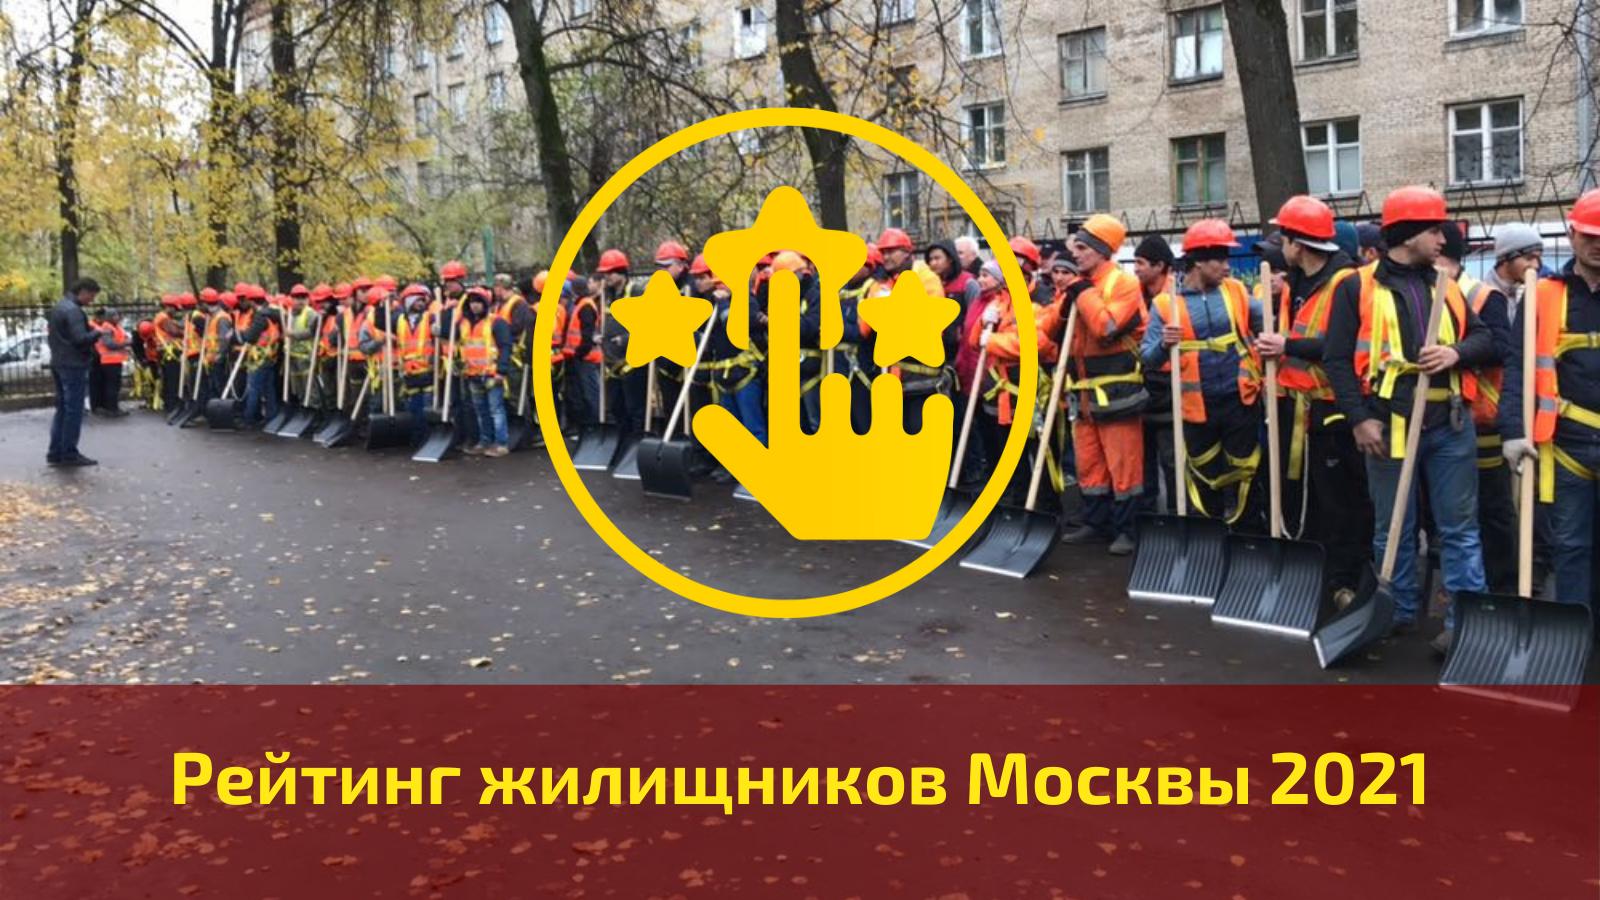 """Рейтинг столичных ГБУ """"Жилищник"""" в 2021 году"""